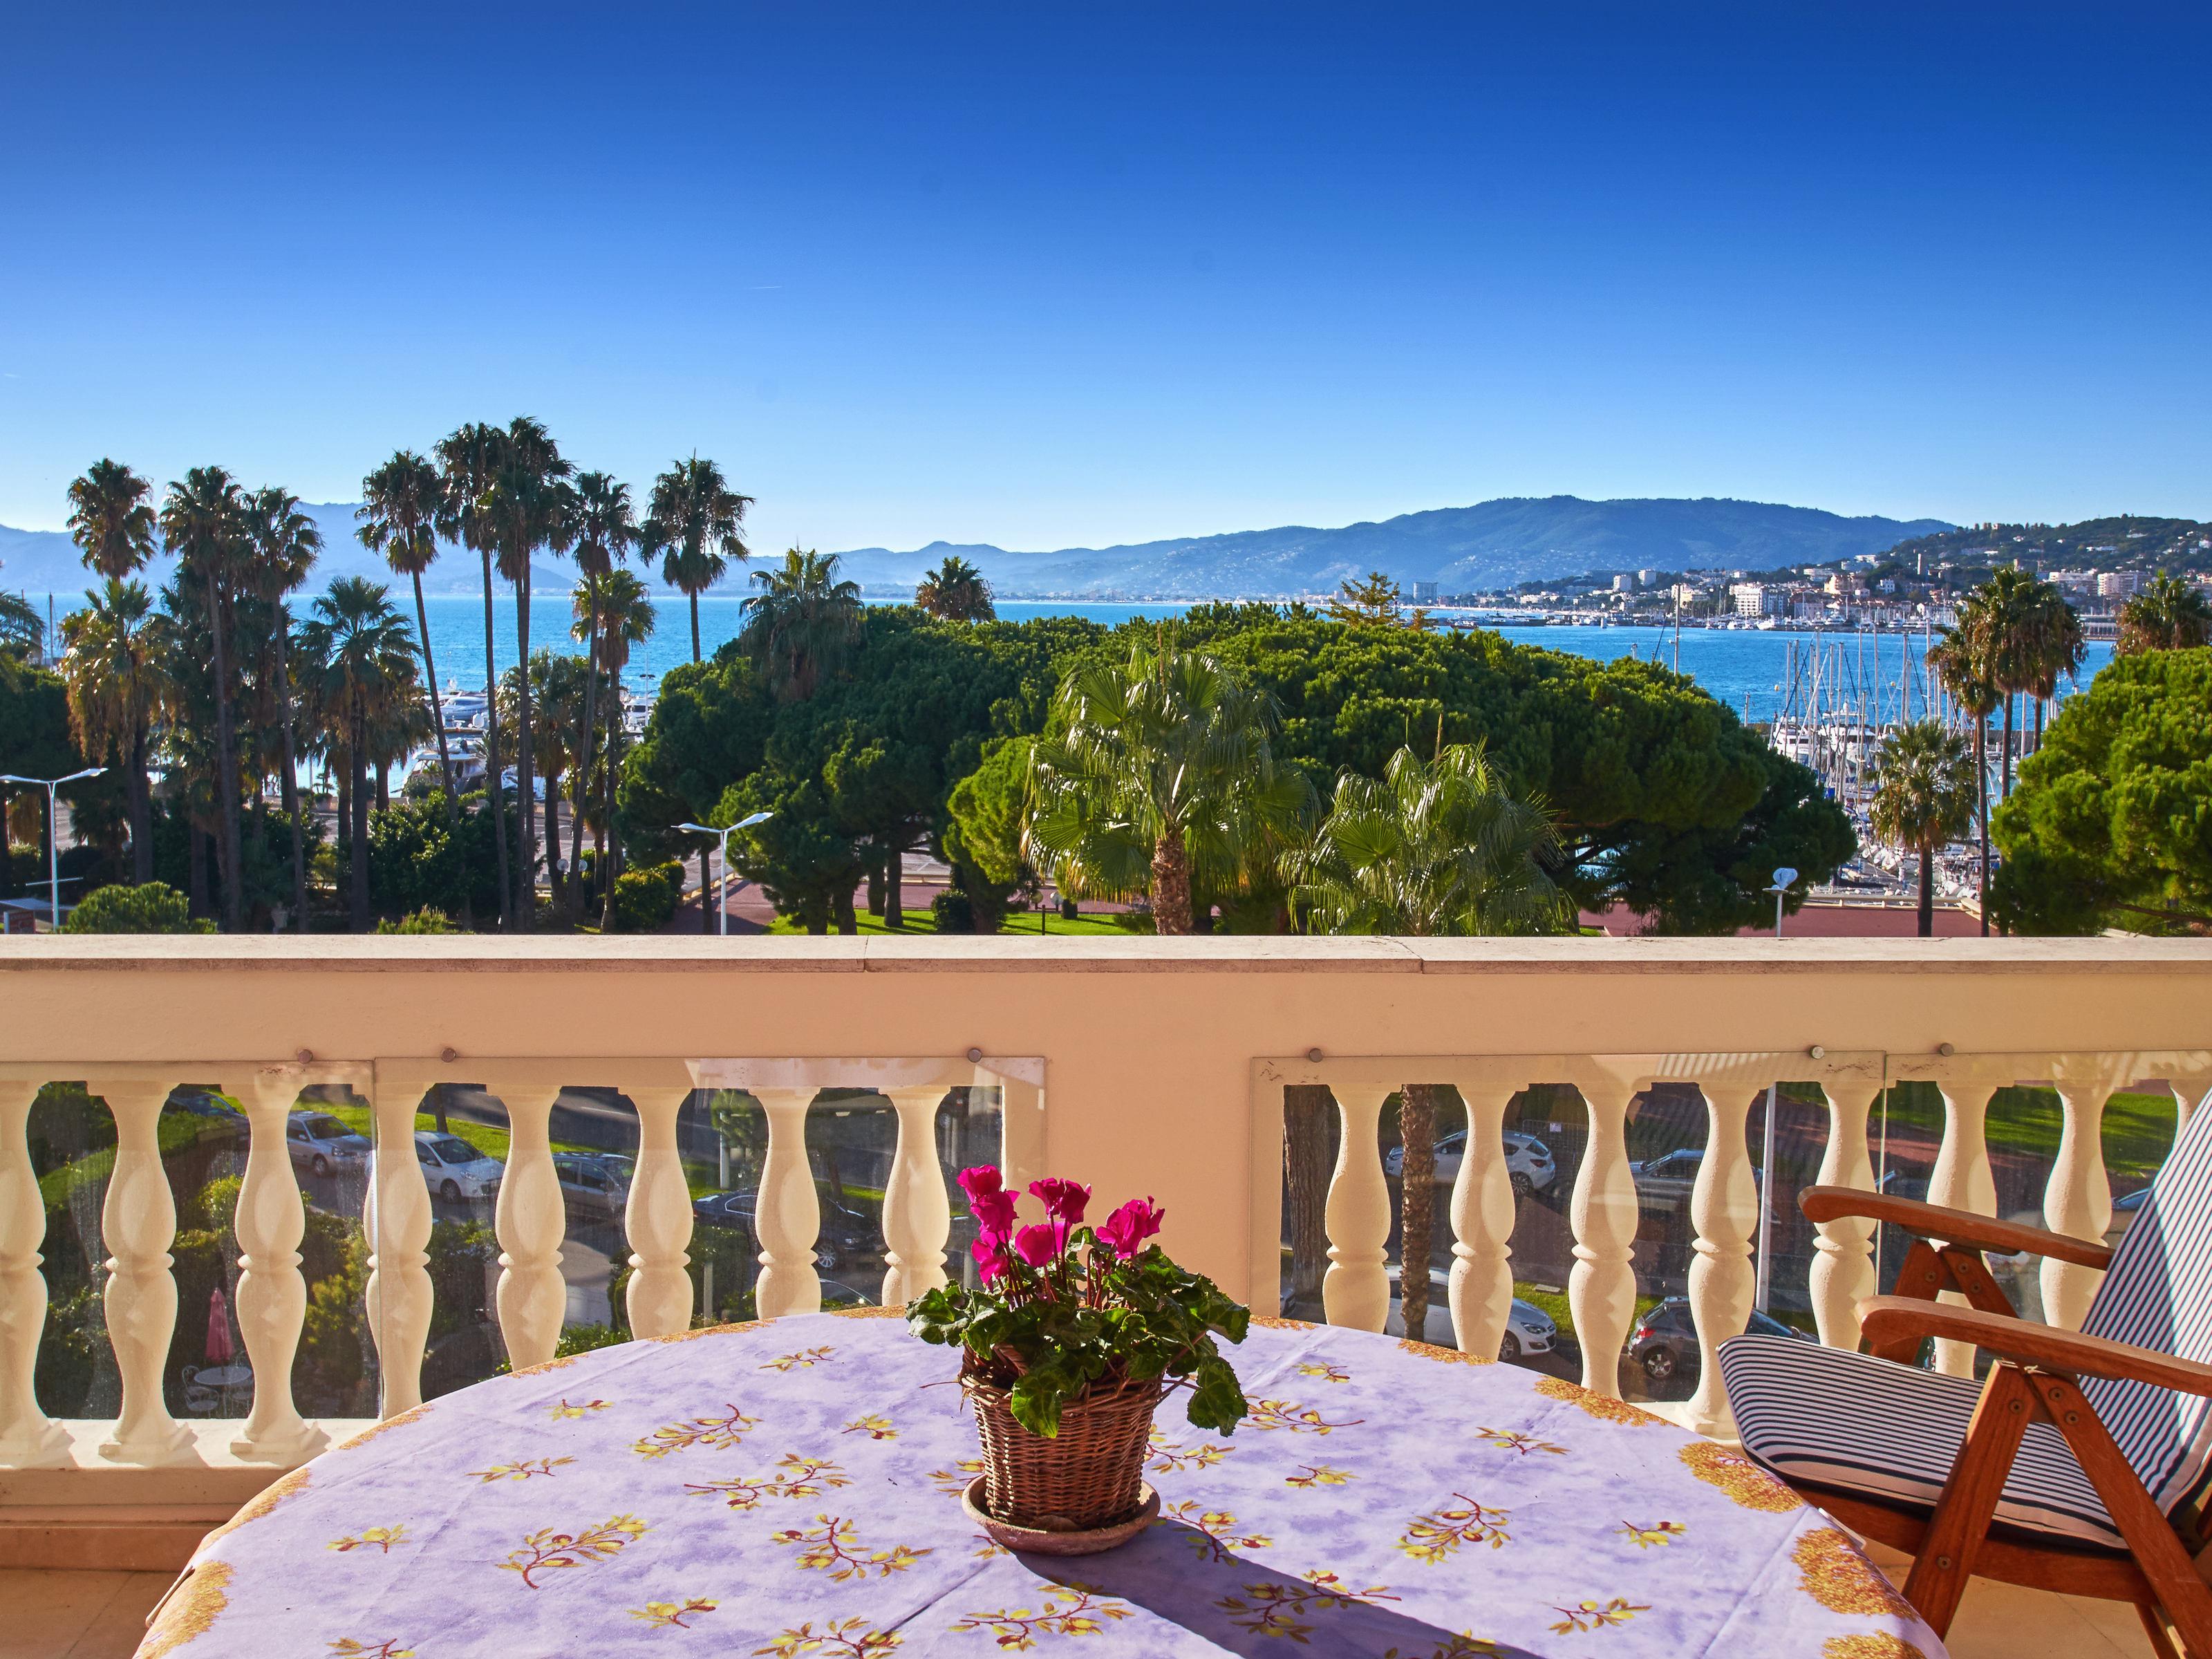 独户住宅 为 销售 在 Cannes Cannes, 普罗旺斯阿尔卑斯蓝色海岸 06400 法国